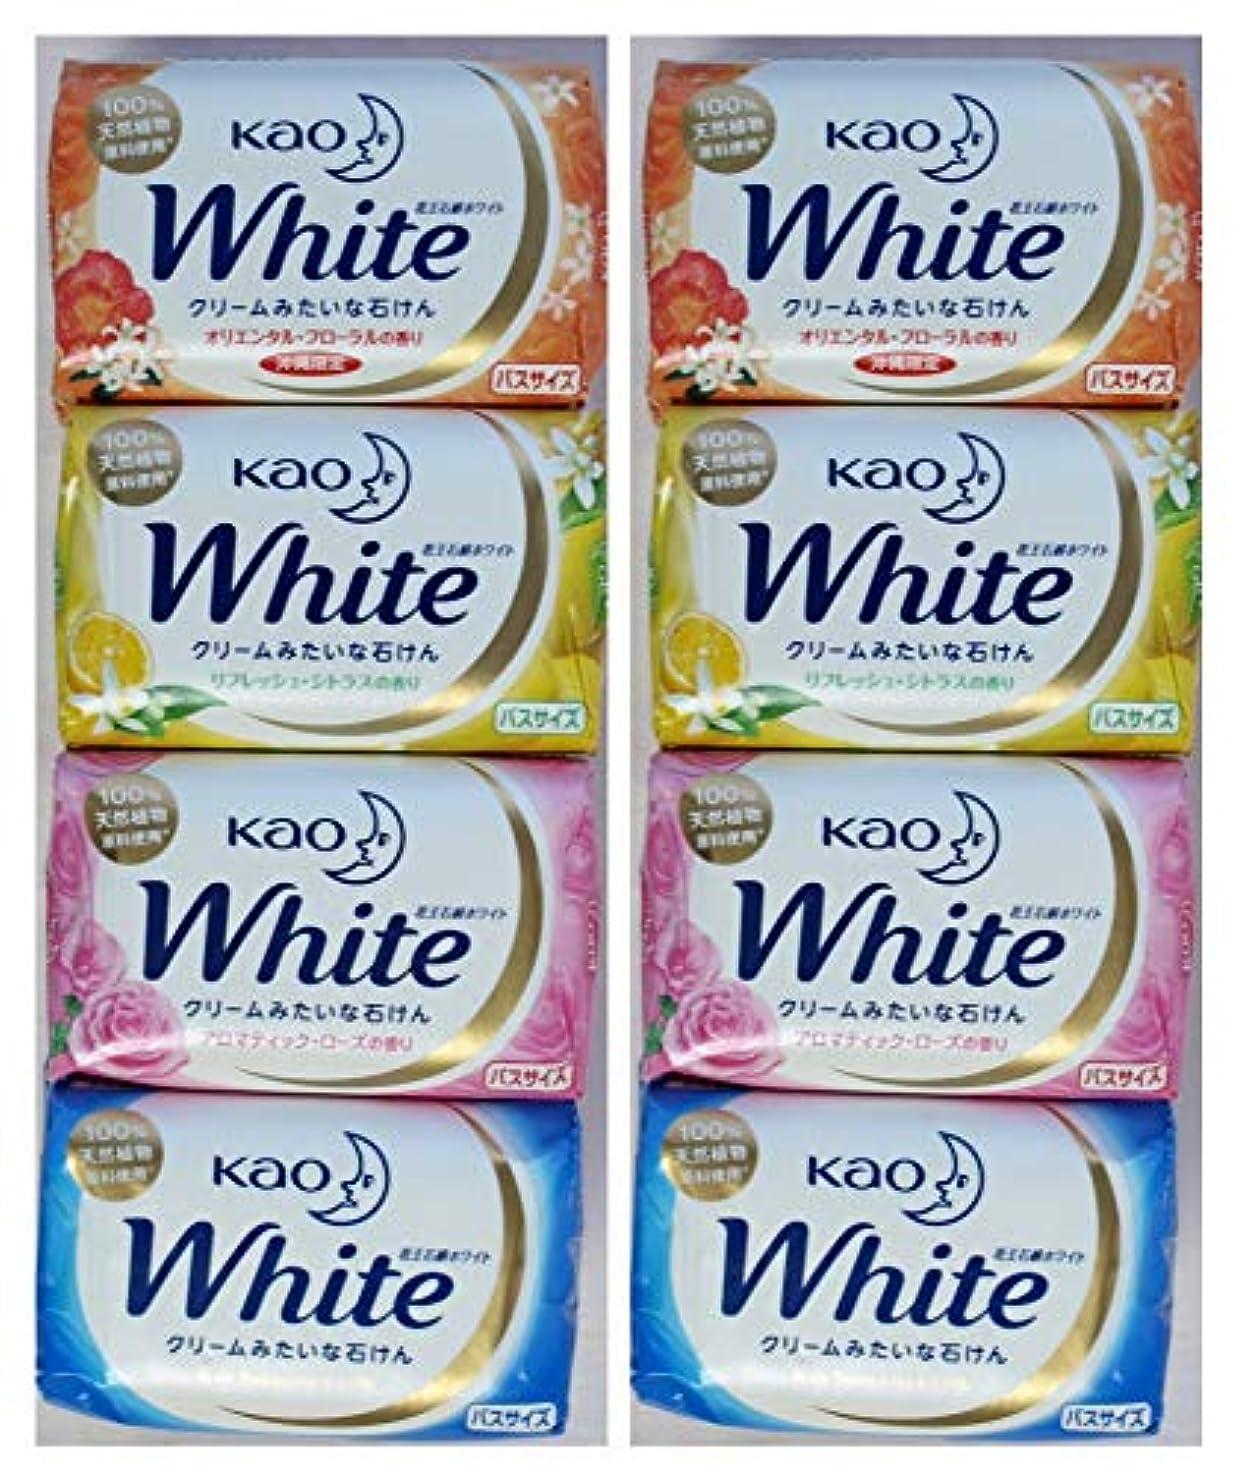 溶岩国コンバーチブル561988-8P 花王 Kao 石けんホワイト 4つの香り(オリエンタルフローラル/ホワイトフローラル/アロマティックローズ/リフレッシュシトラスの4種) 130g×4種×2set 計8個